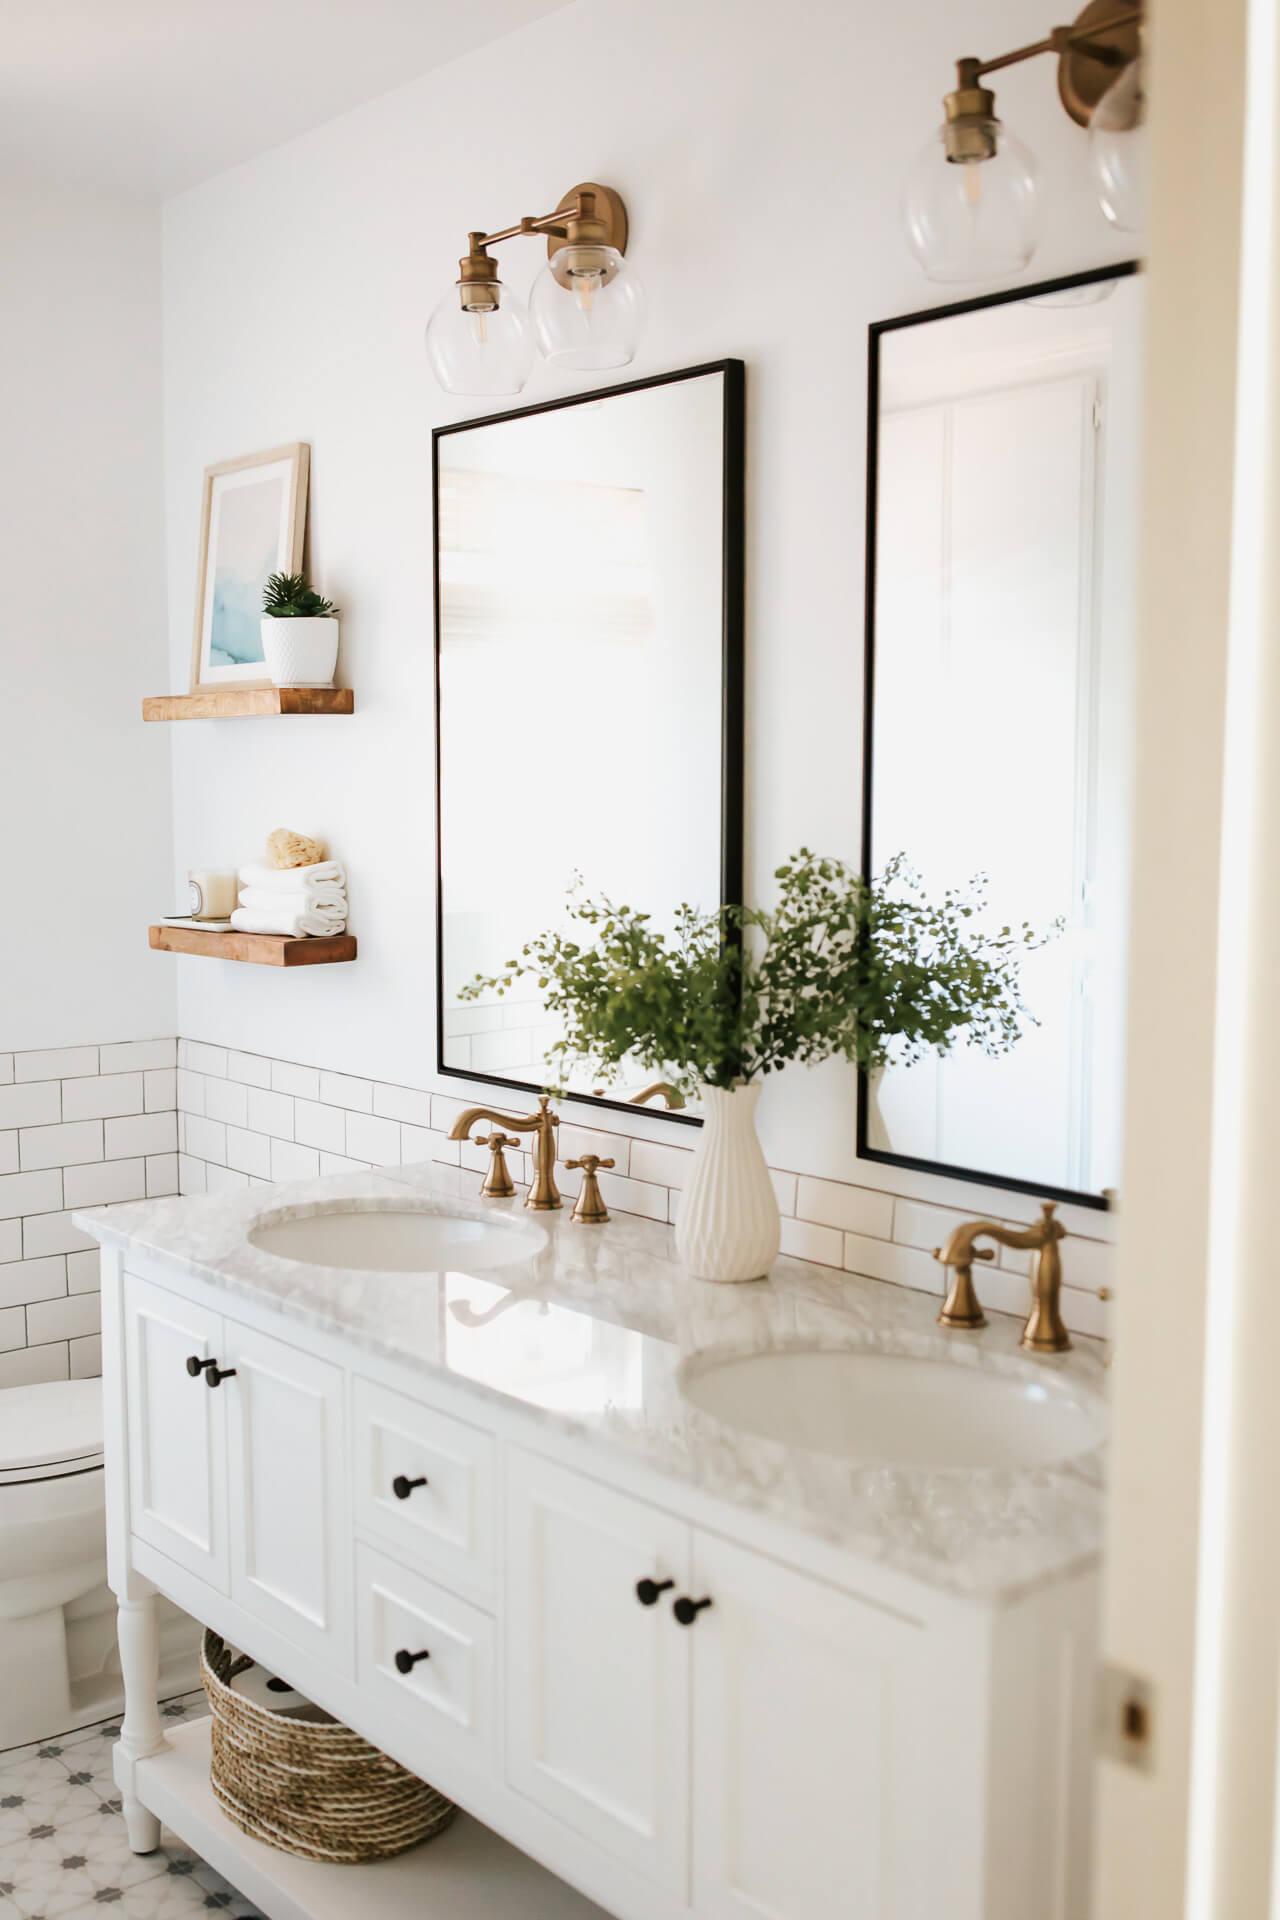 A clean white bathroom design. - M Loves M @marmar